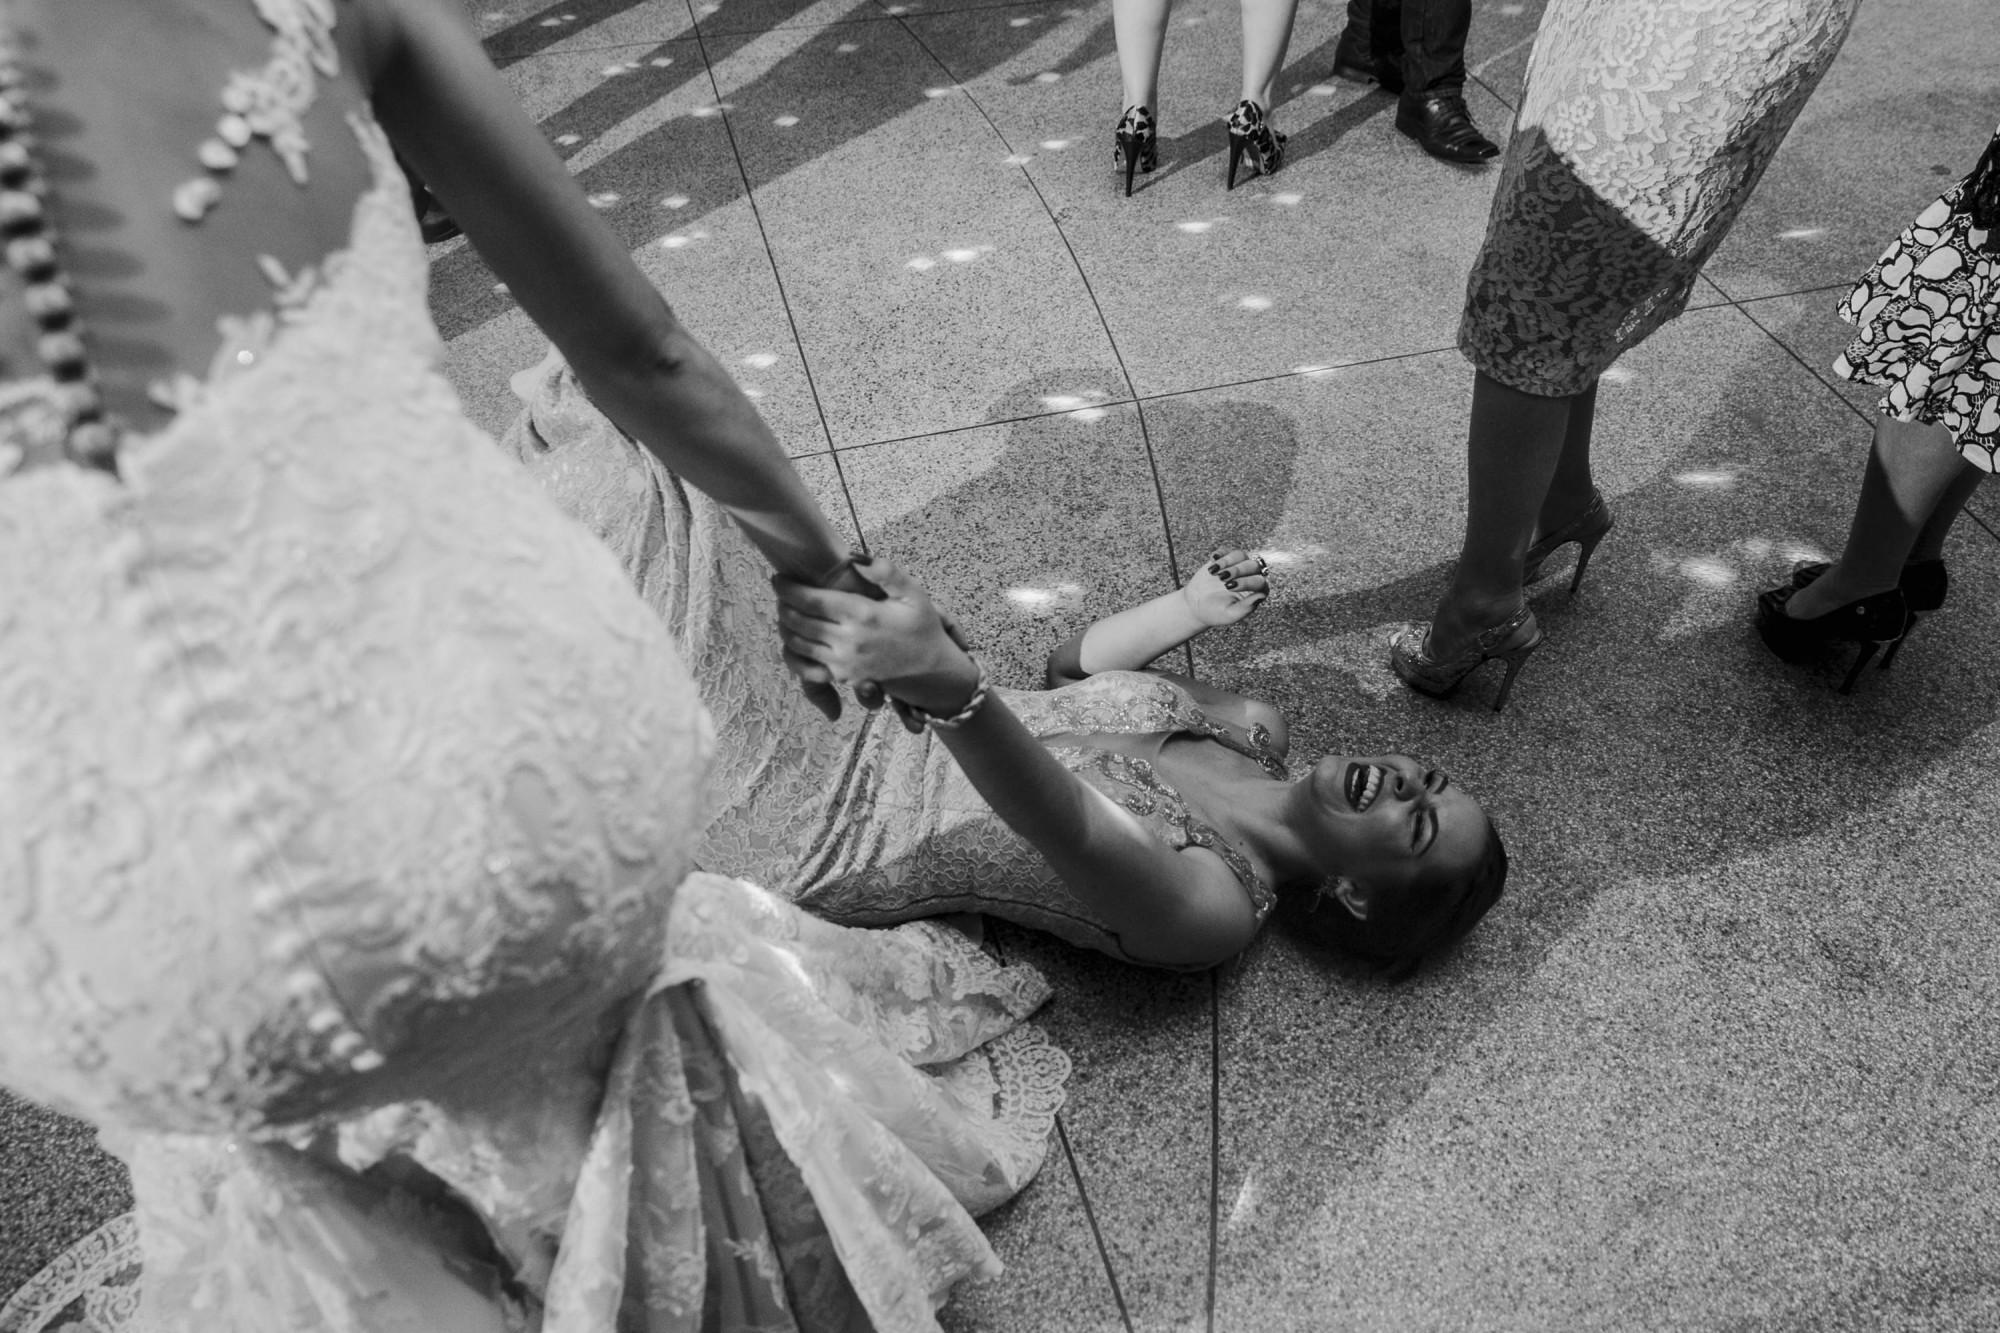 Casamento Camila Rampim e Rafael em Terra Roxa - Paraná - por Lorran Souza e Léia Sotile - fotografos de casamentos - 82